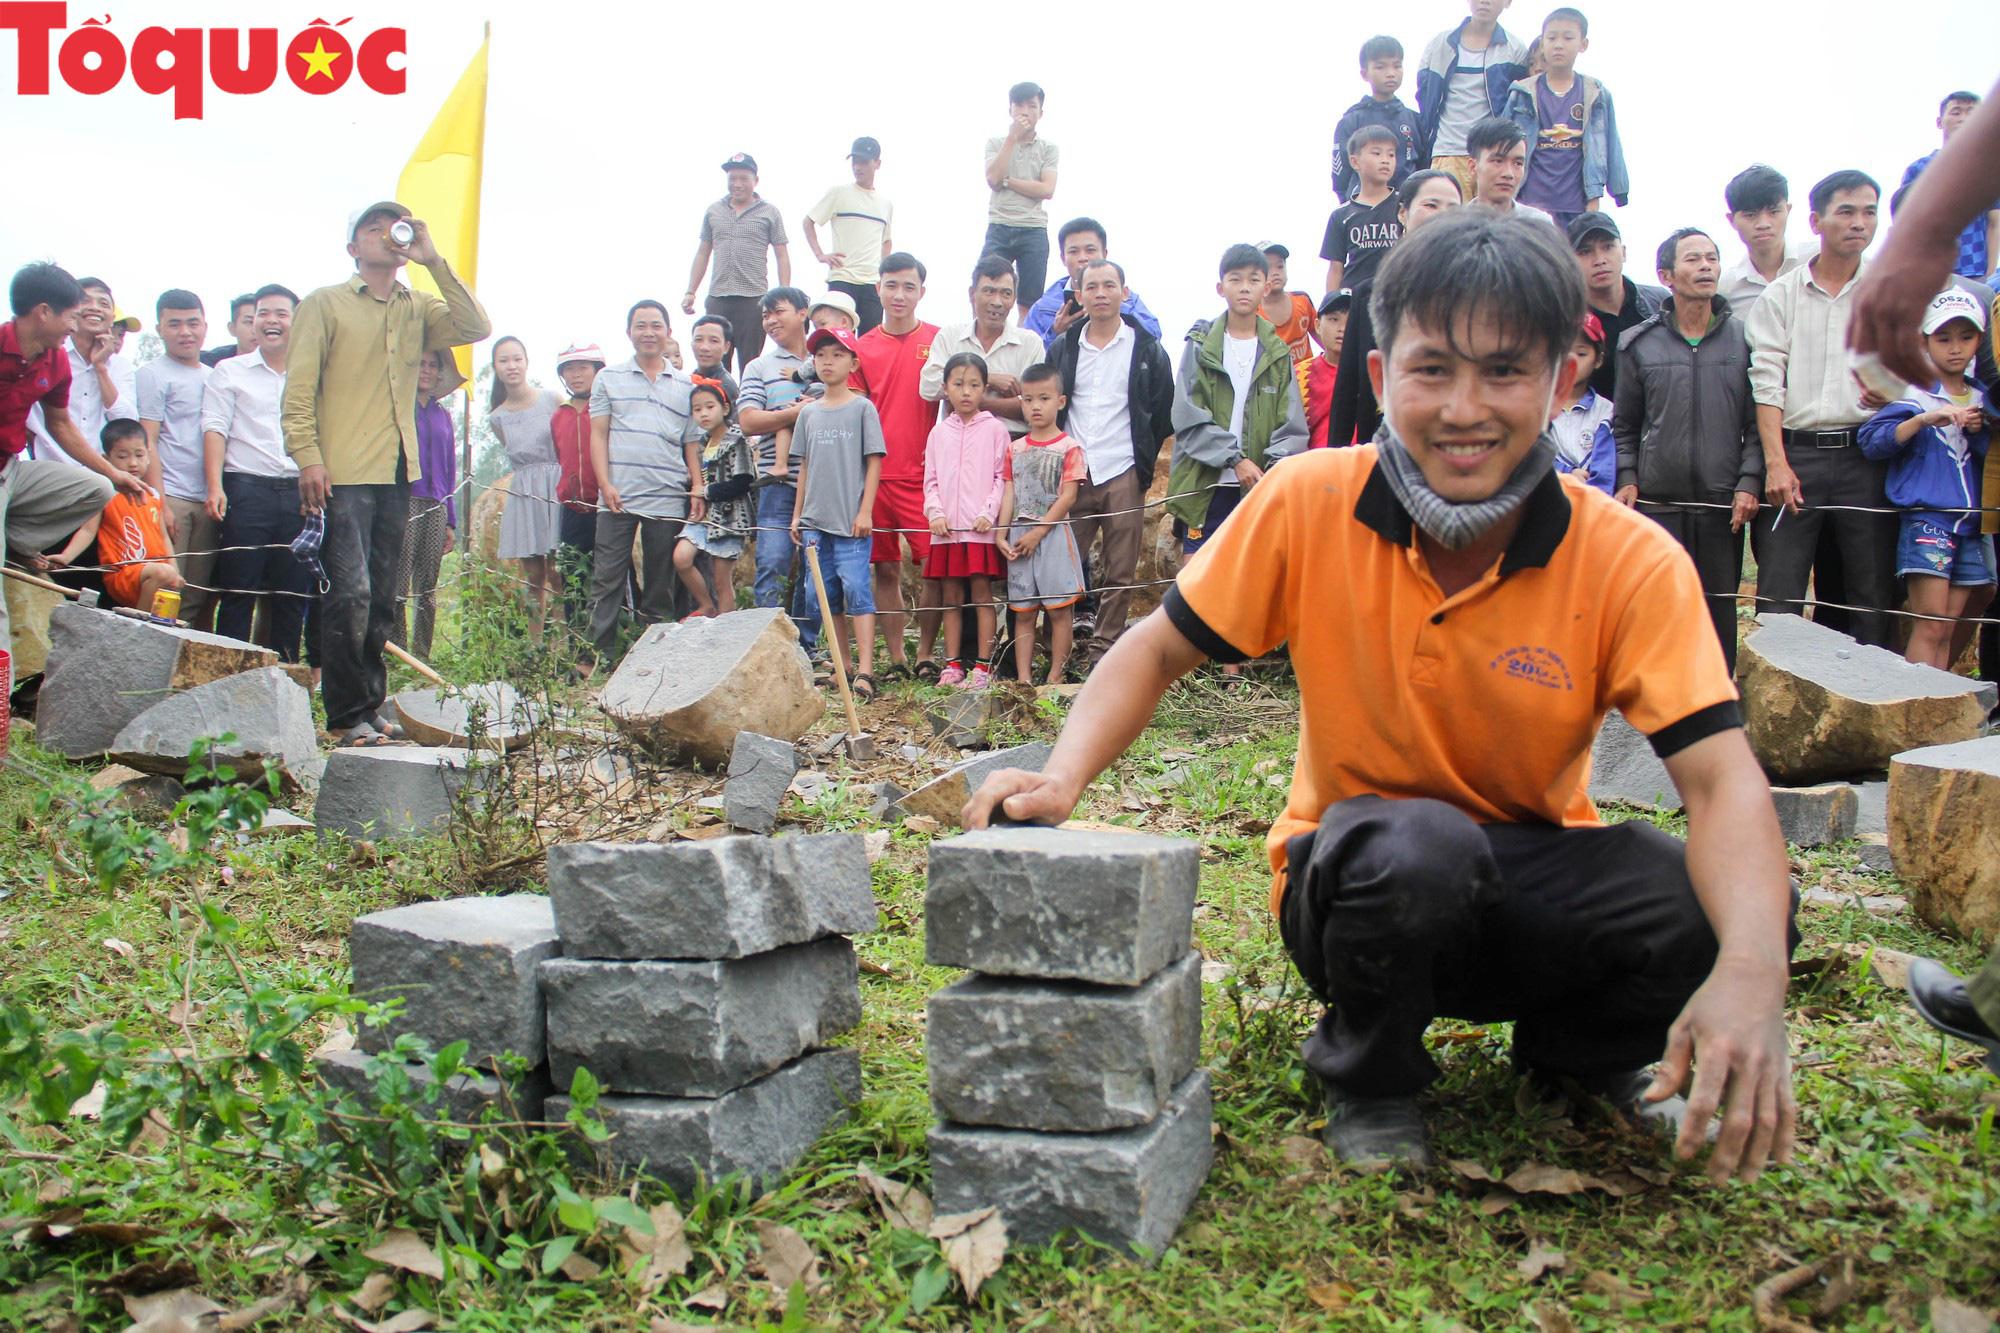 Độc đáo hội thi chẻ đá mồ côi ở Quảng Trị - Ảnh 17.